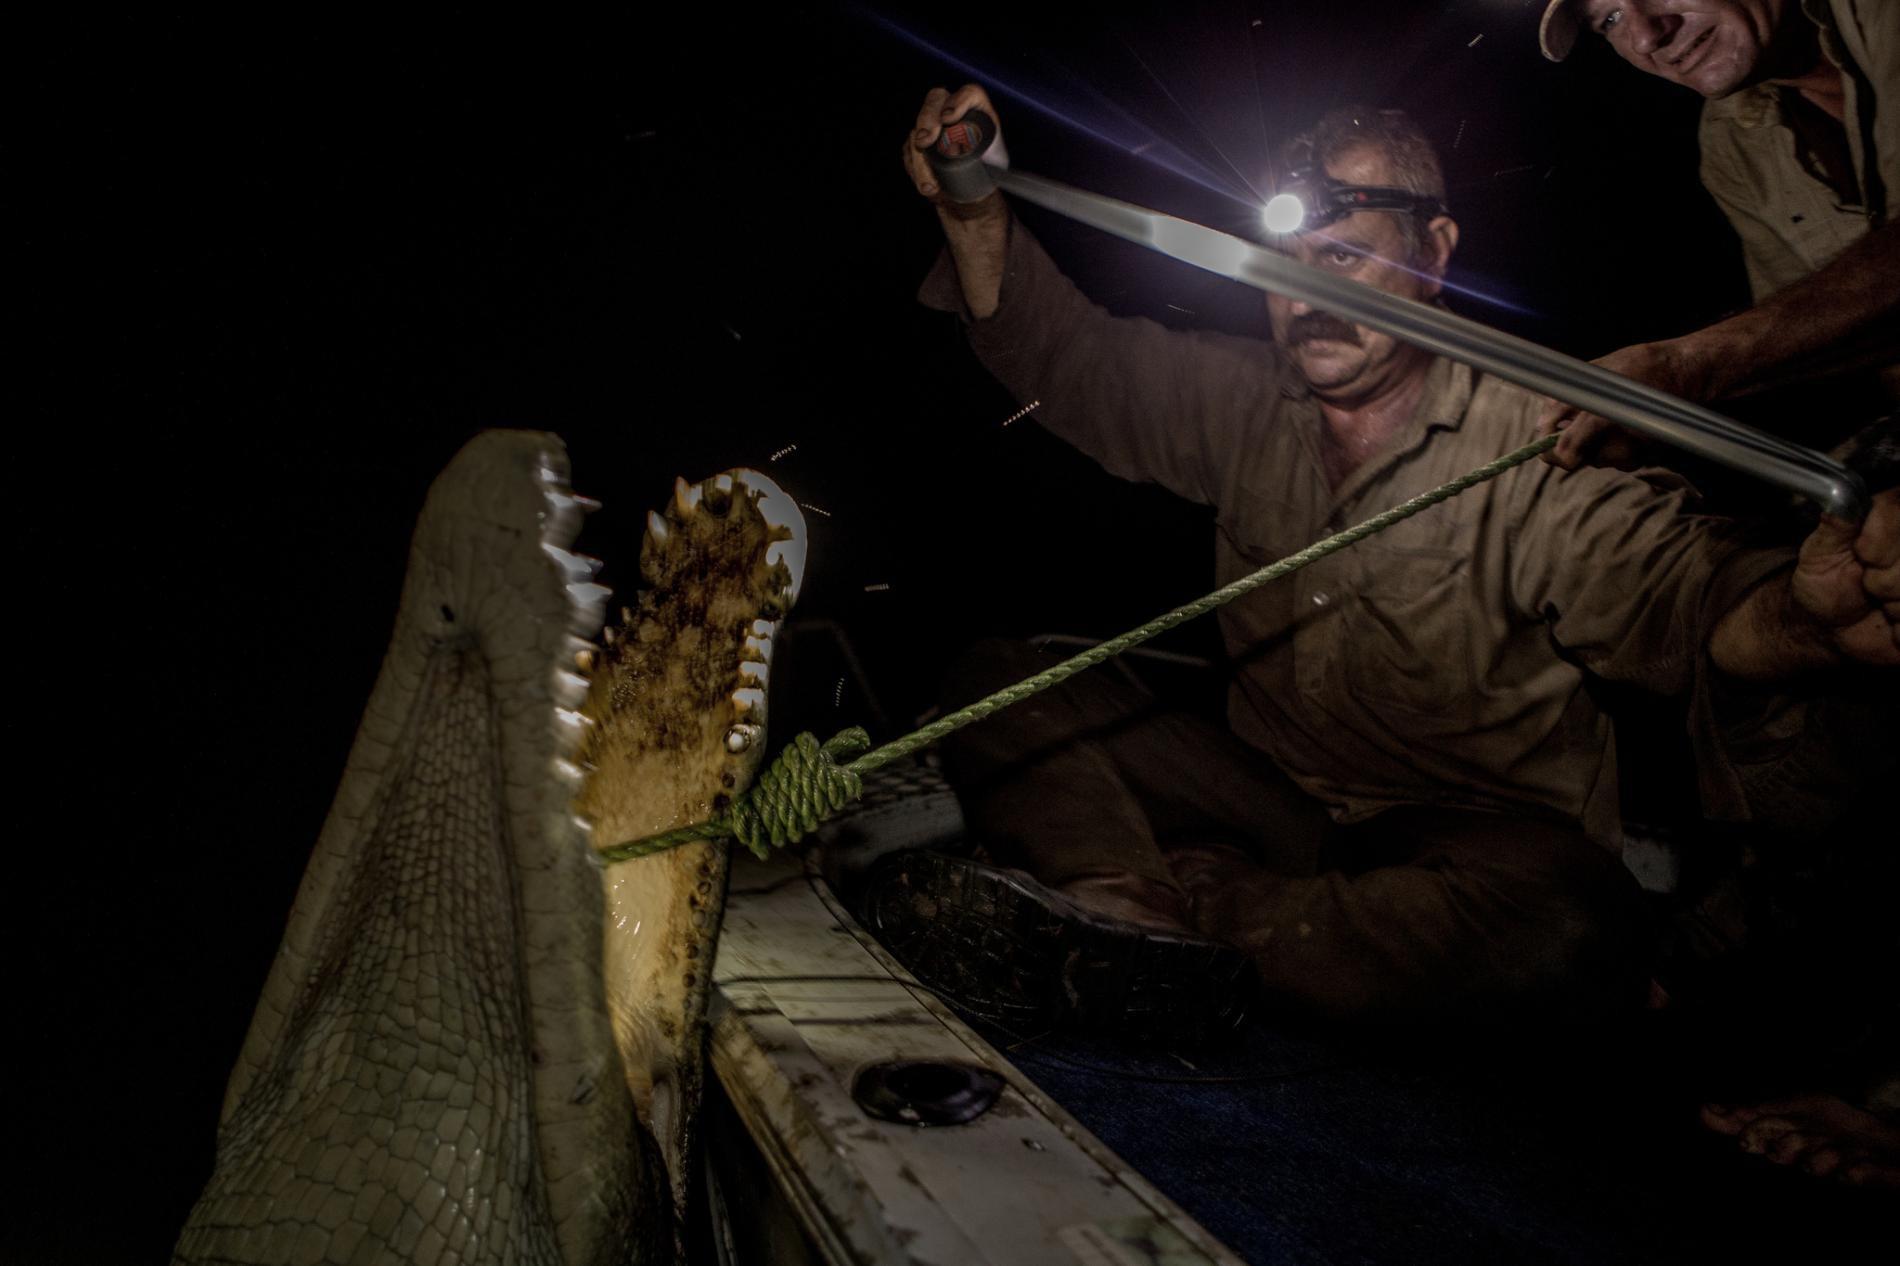 Săn cá sấu khổng lồ trên con thuyền vỏn vẹn dài 4m: Khi cuộc chiến thực sự bắt đầu! - Ảnh 11.